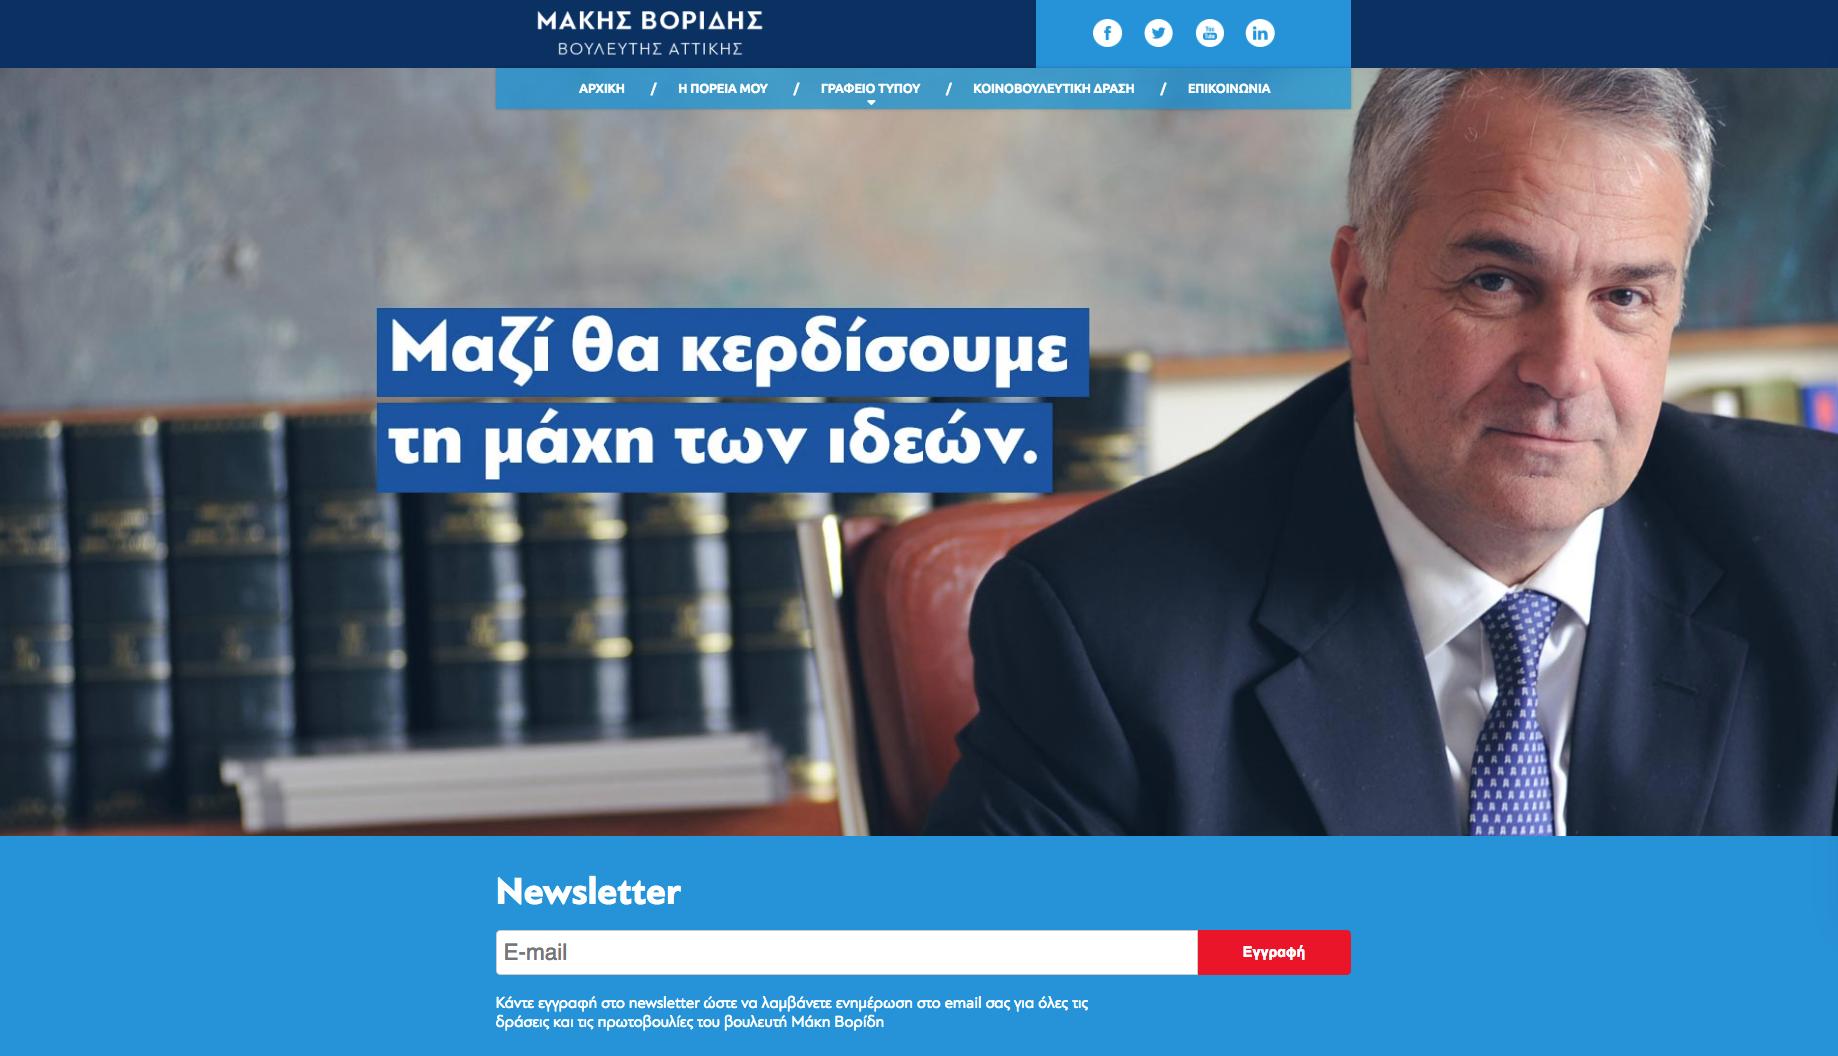 Makis Voridis Website